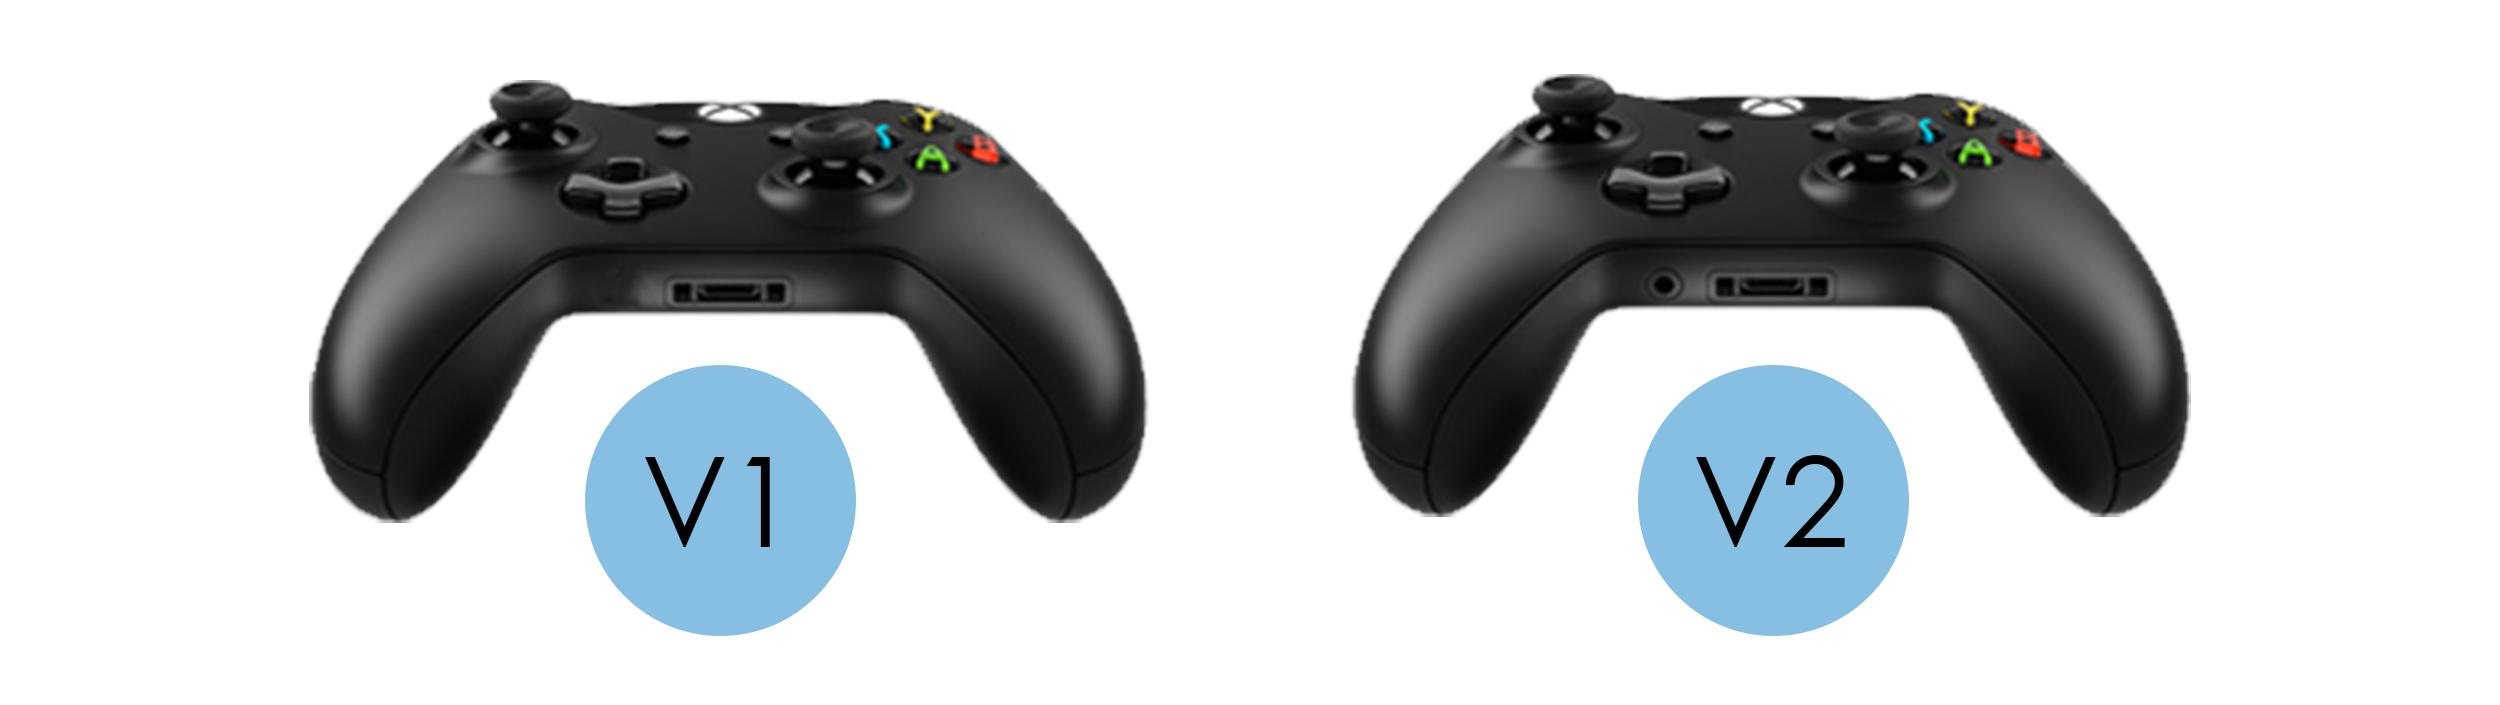 Benieuwd Naar De Verschillende Xbox One Controllers Wij Hebben